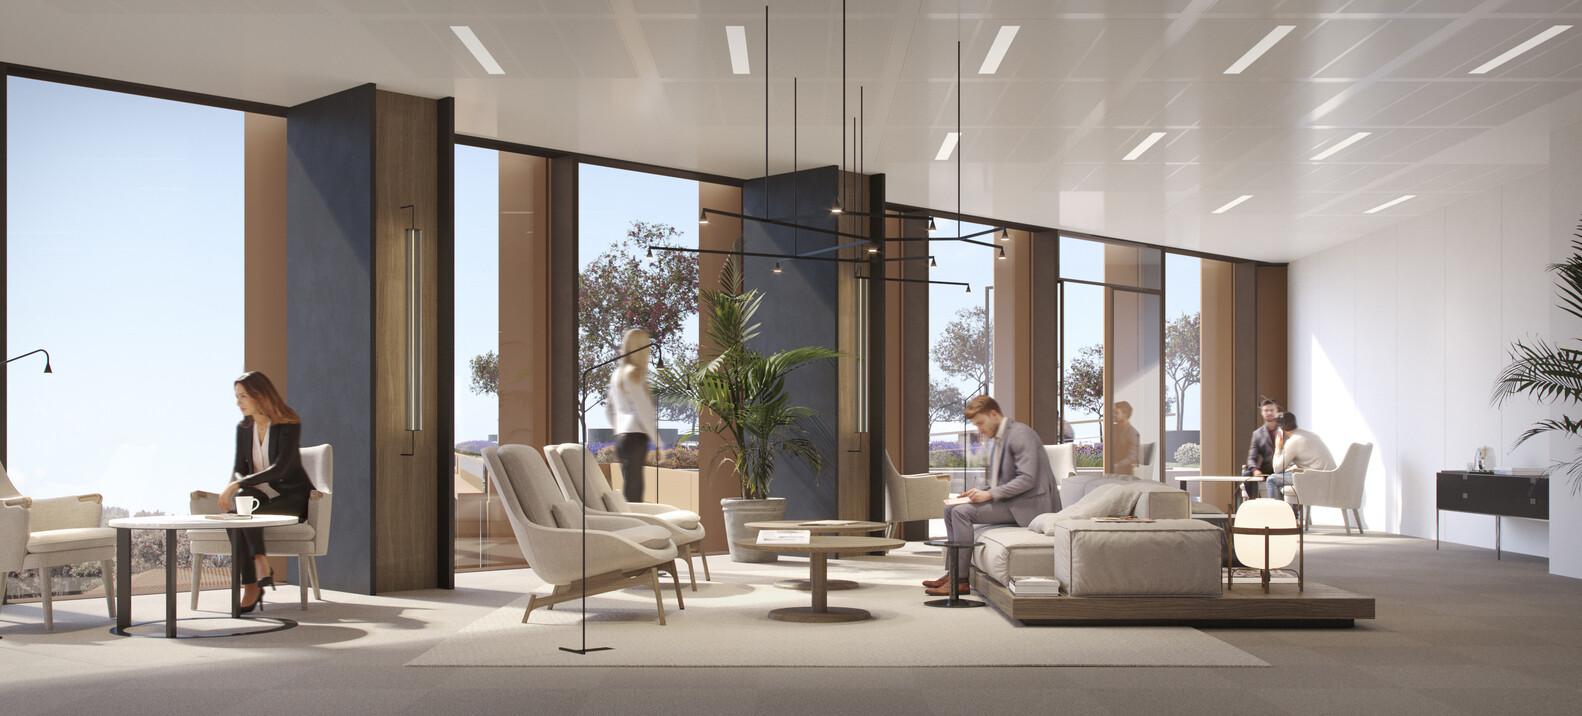 gca-architects-construye-edificio-de-oficinas-de-alta-tecnología-3-alt